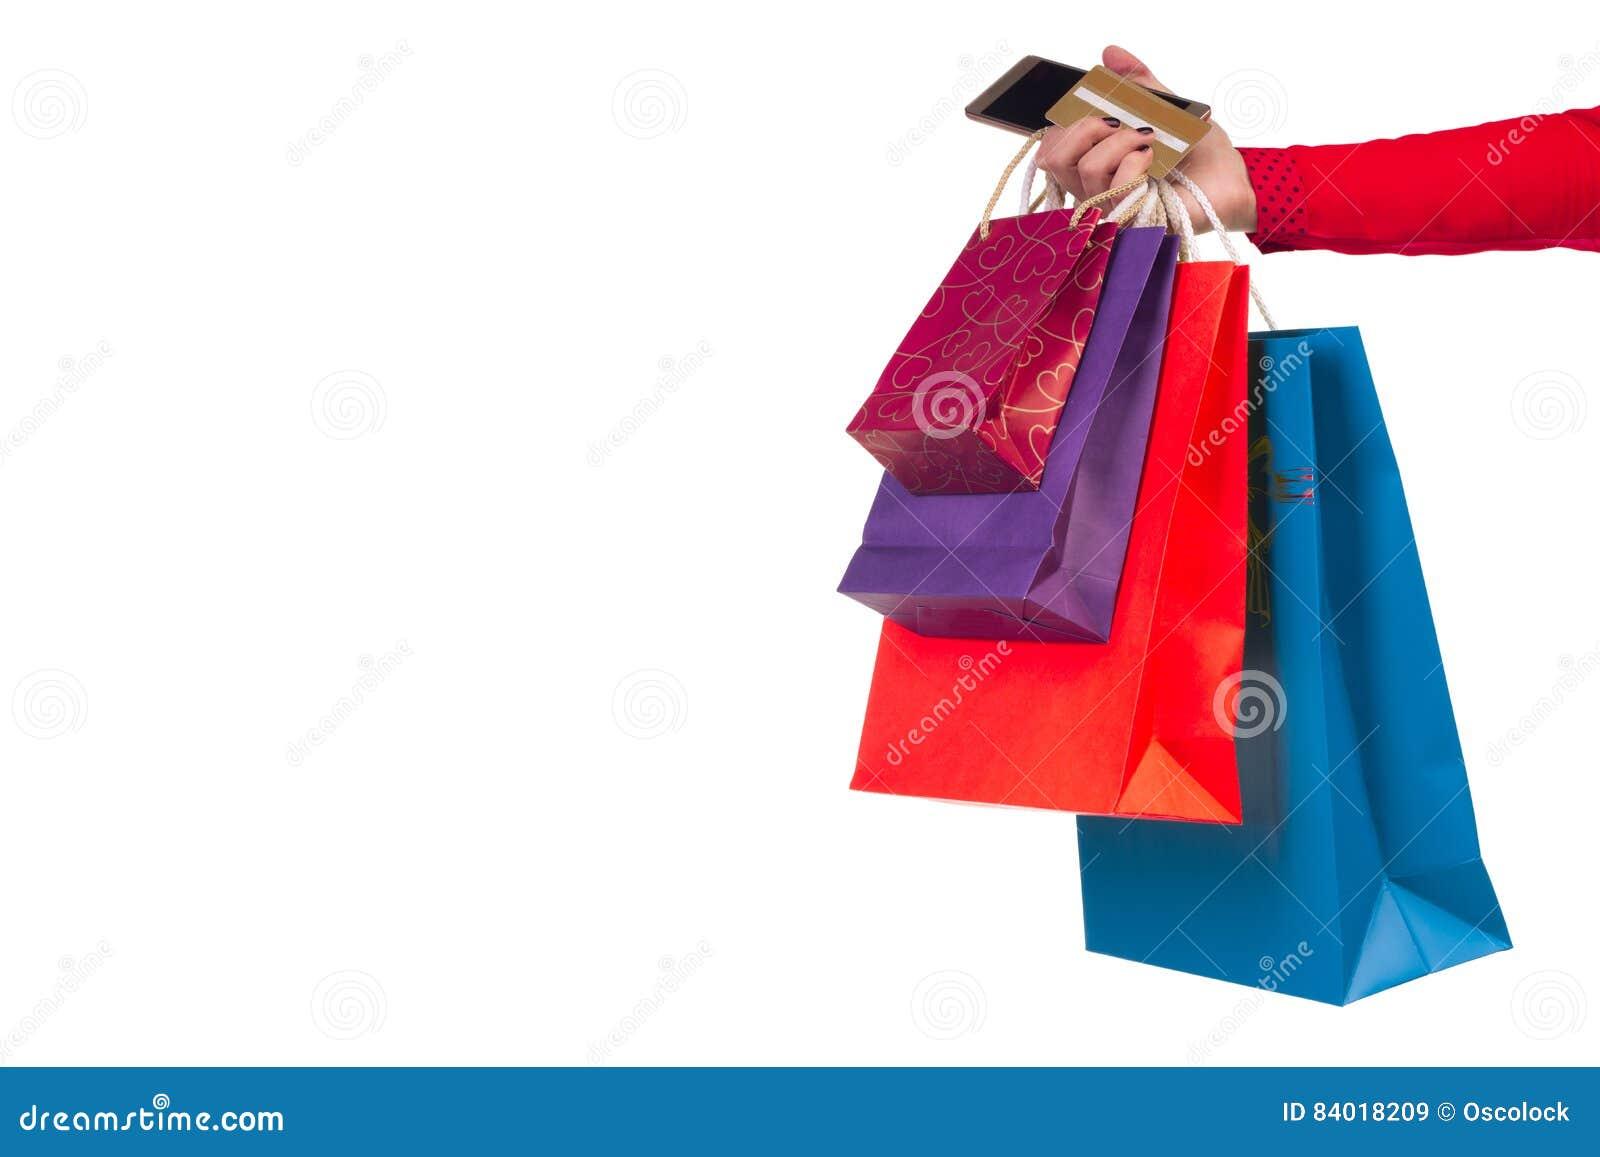 подать заявку на кредитную карту уралсиб через интернет